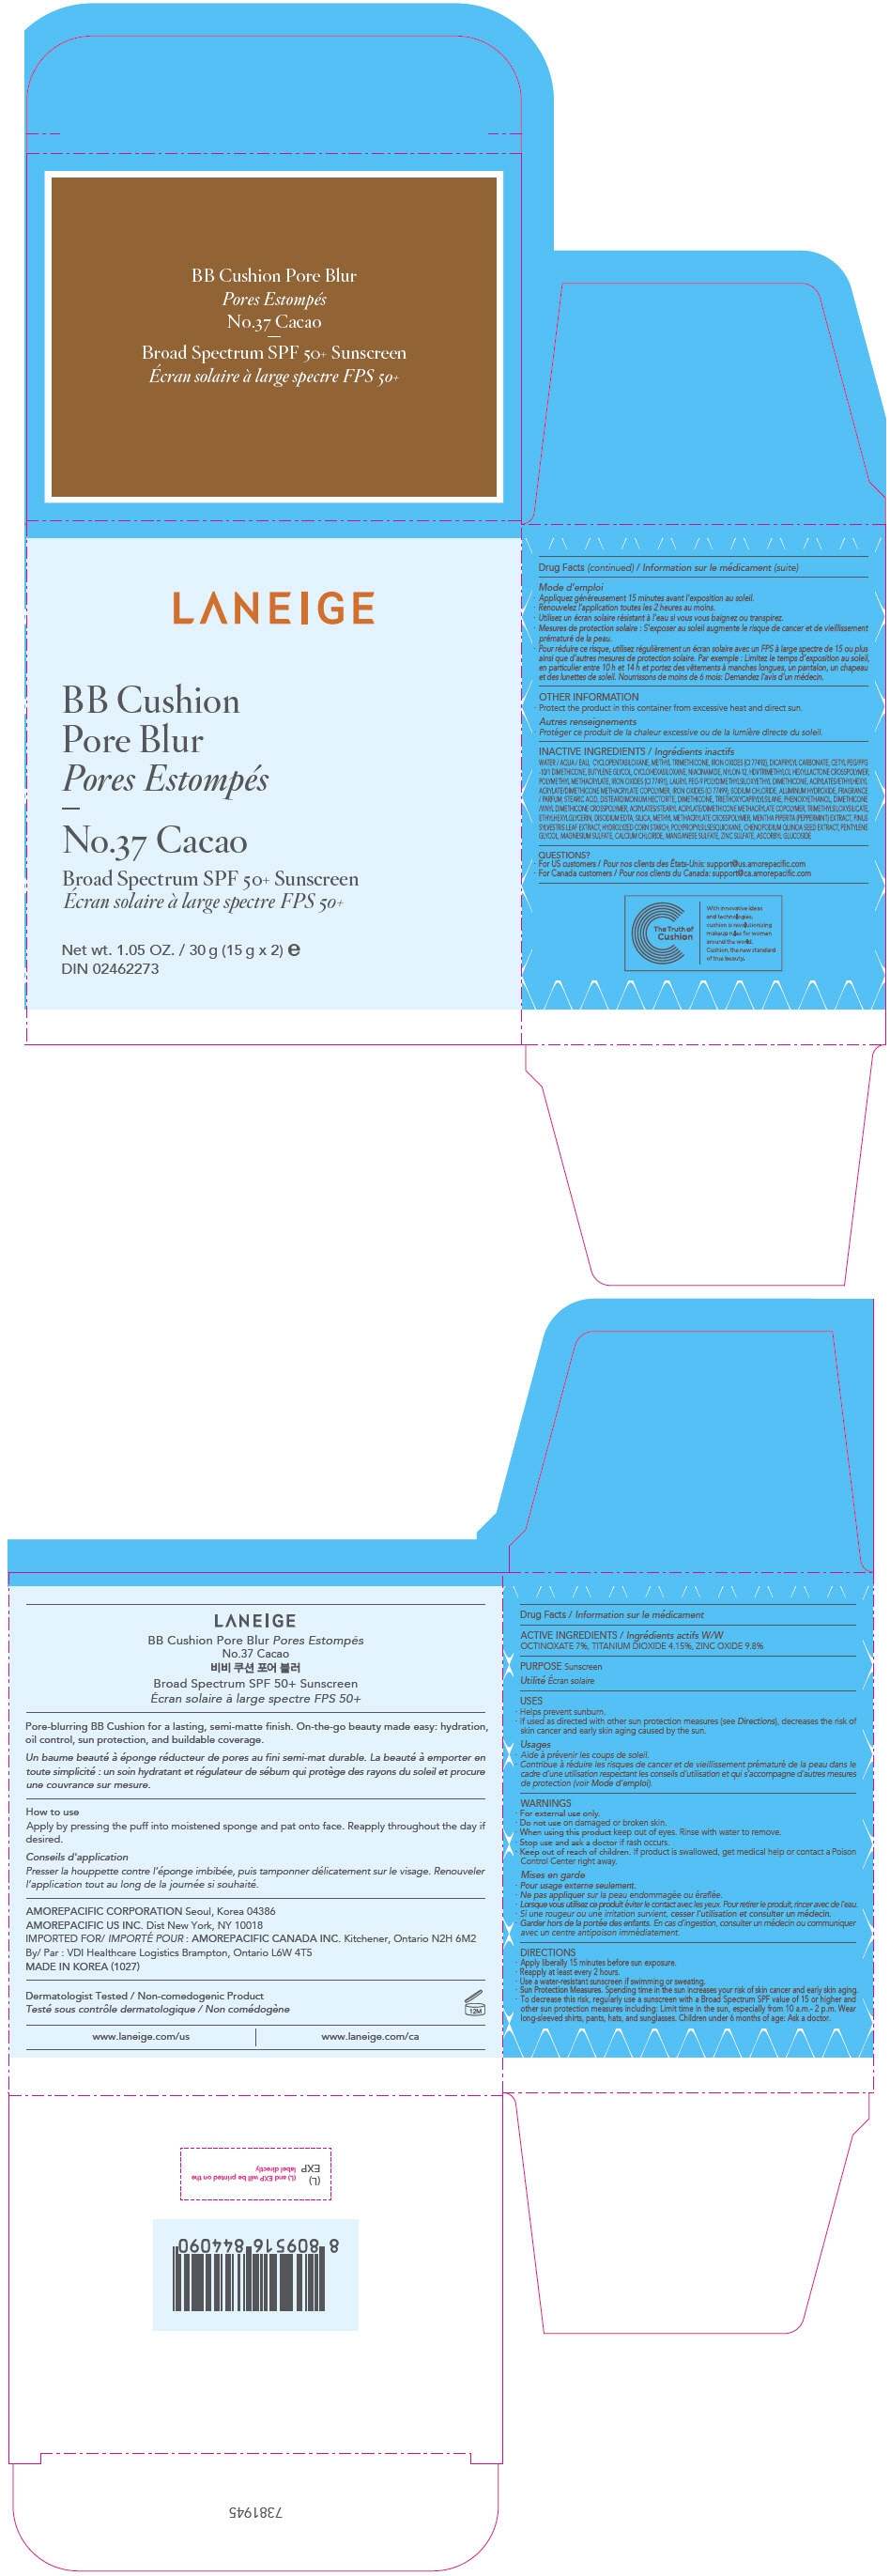 PRINCIPAL DISPLAY PANEL - 30 g Container Carton - No.37 Cacao